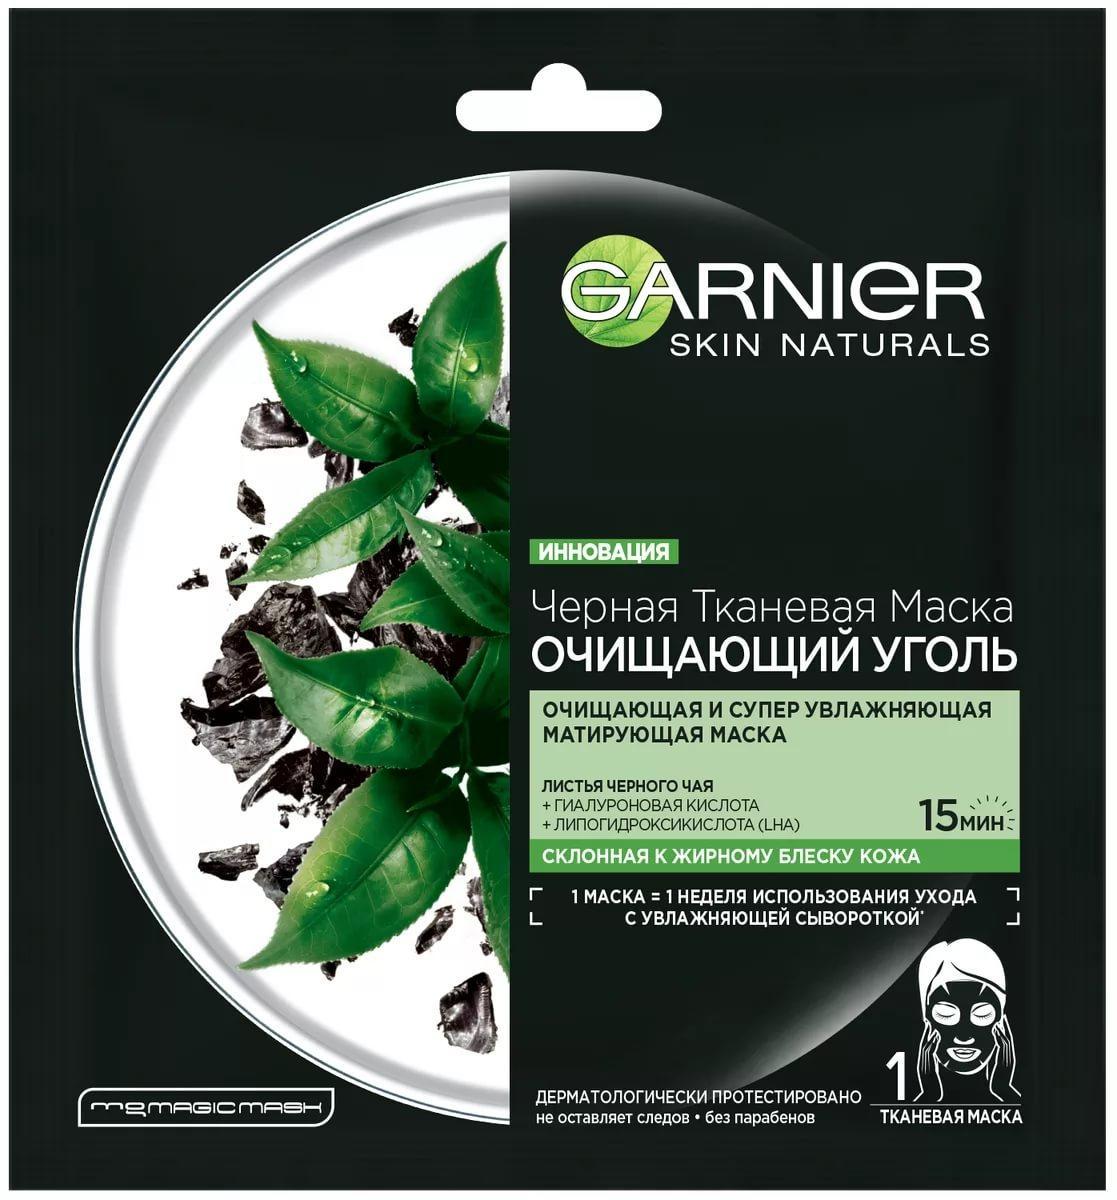 Черная Тканевая маска Garnier Skin Naturals Очищающий Уголь + Листья Черного чая  Источник: https://umall.kz/c